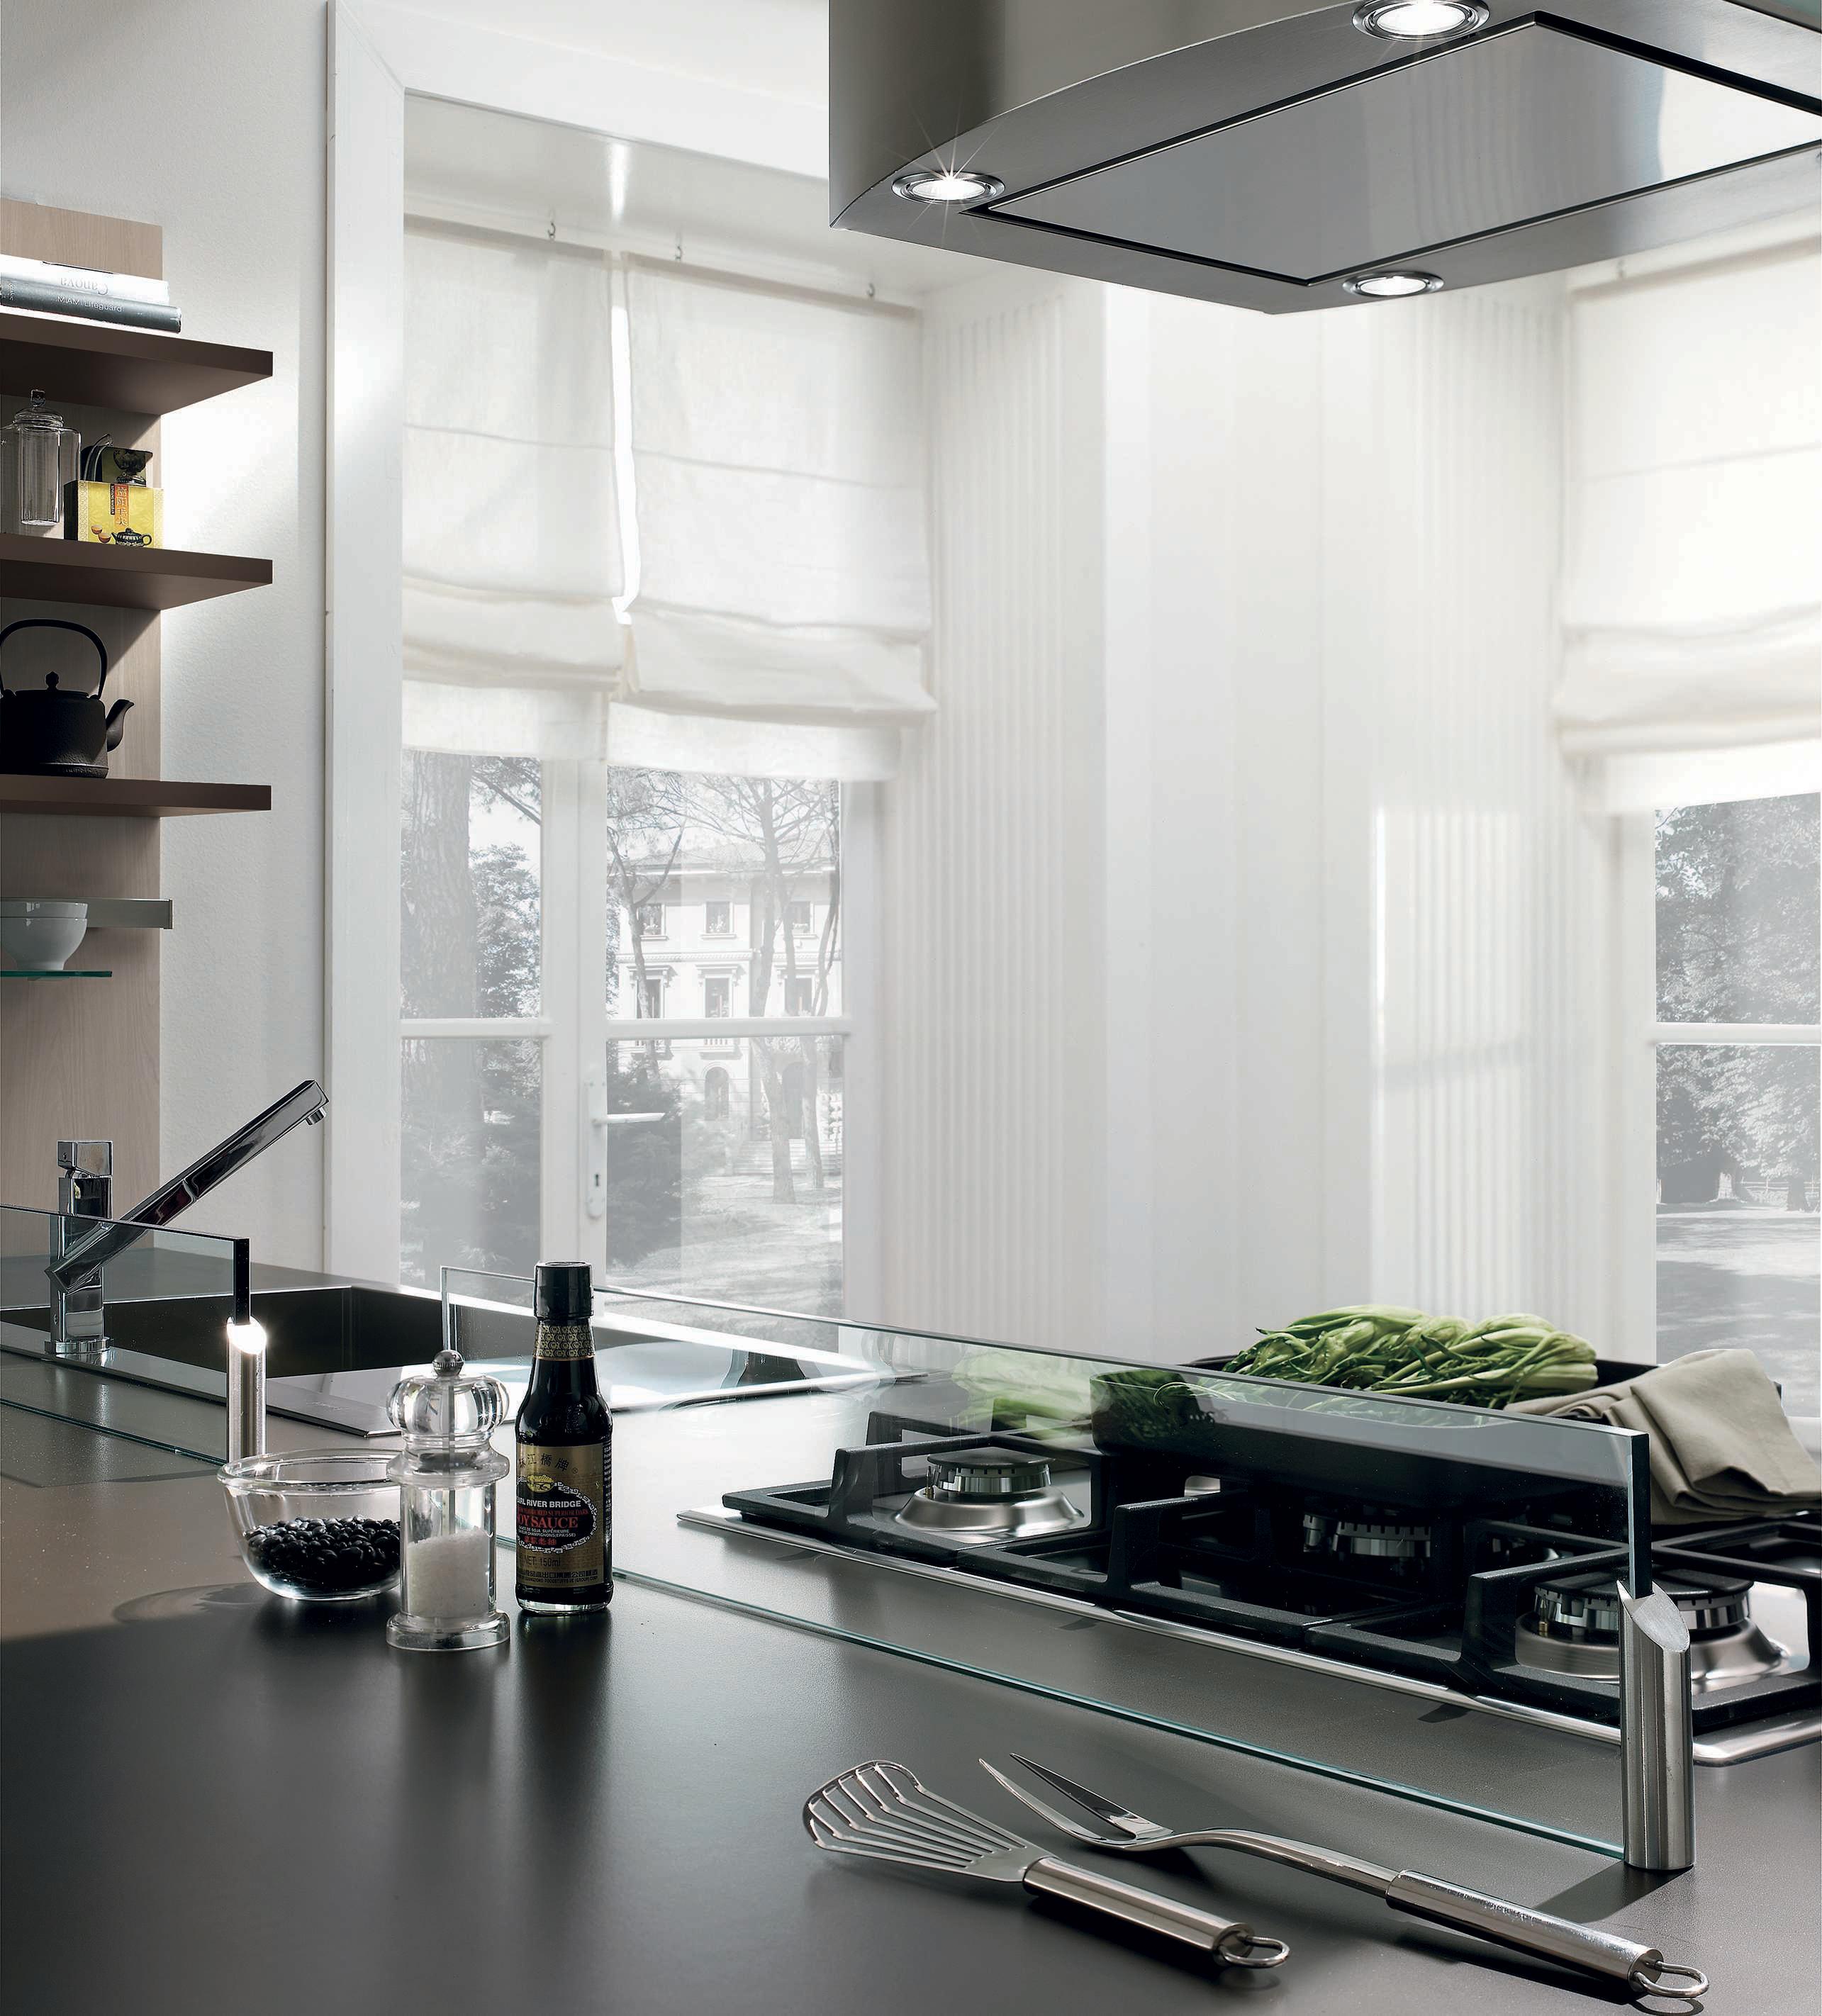 Bring | Кухни | Stosa | Модерн - заказывайте в интерьерных салонах ...